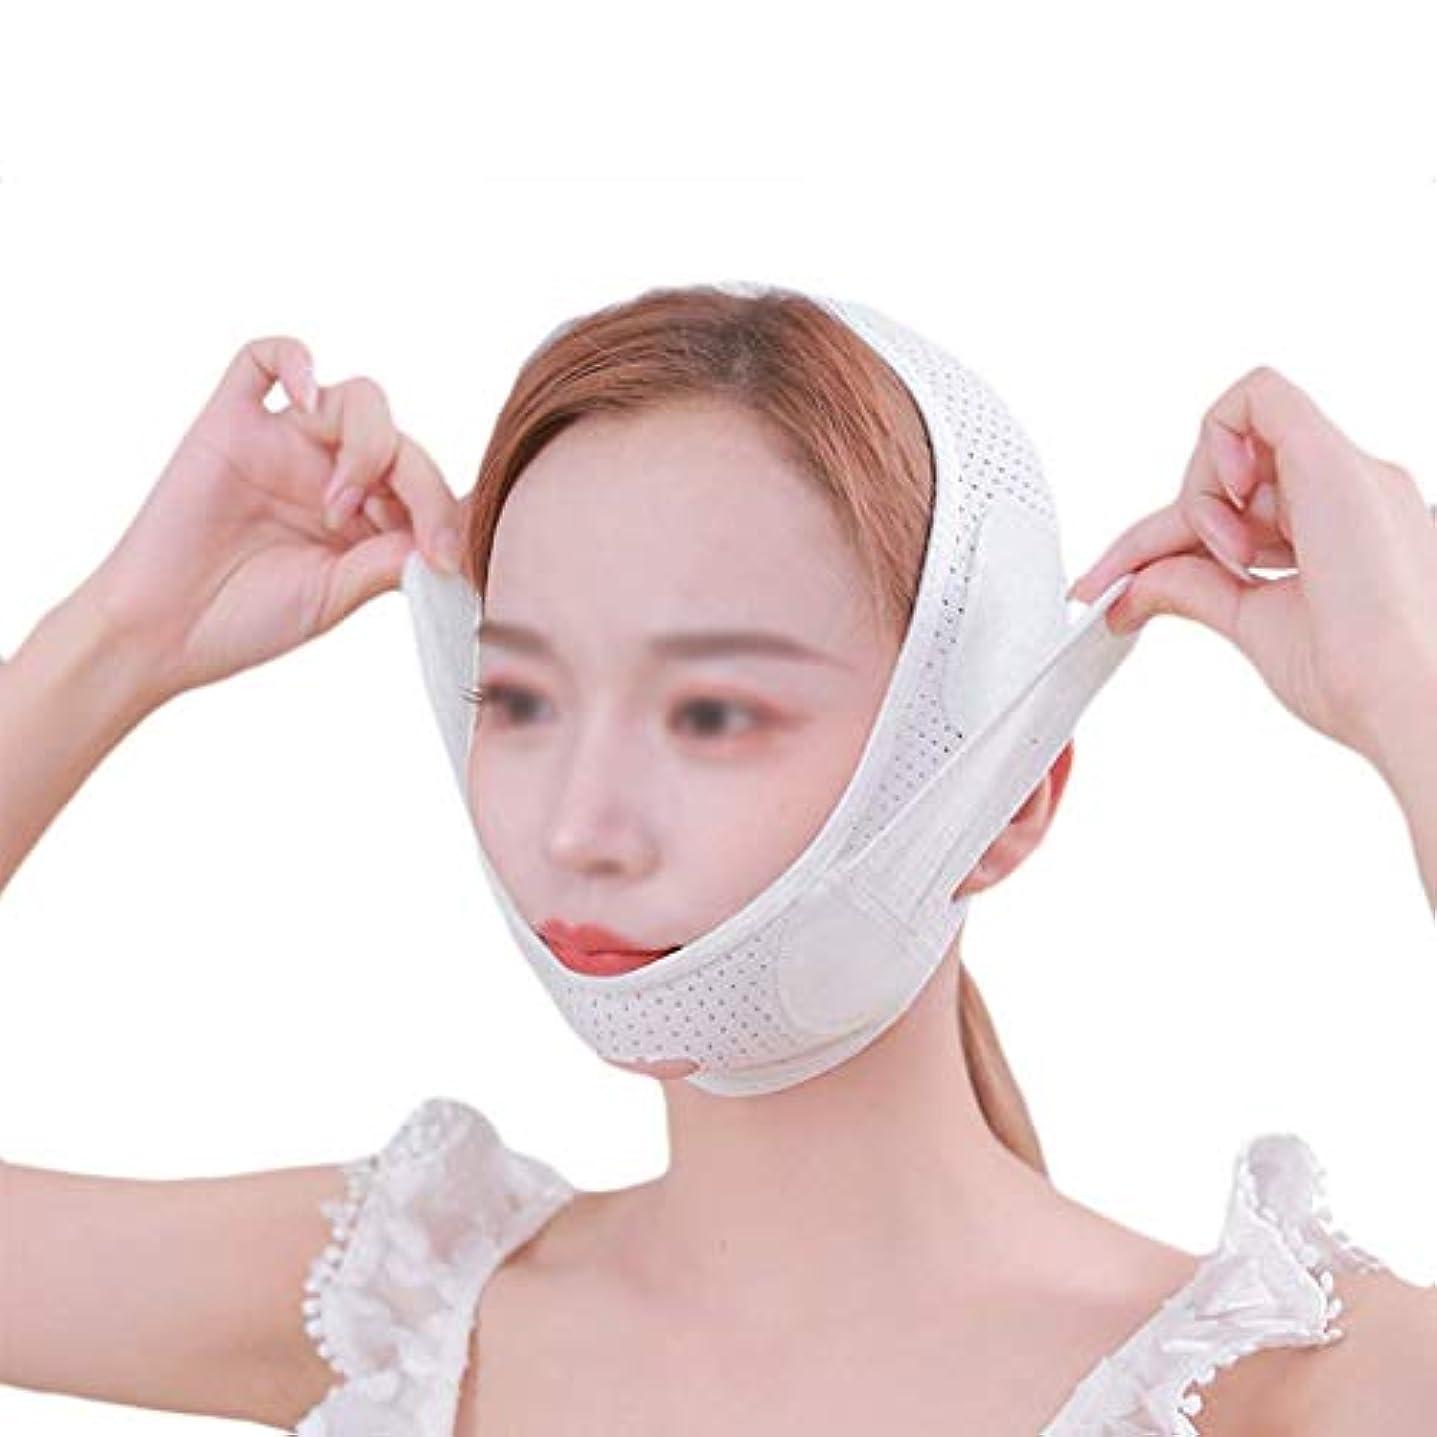 リングレット店主普遍的なフェイシャルリフティング包帯、頬スリミングマスク包帯、フェイスリフティングファーミングフェースリフティング、リフティングダブルチンフェイシャルマスク(ホワイト、フリーサイズ)